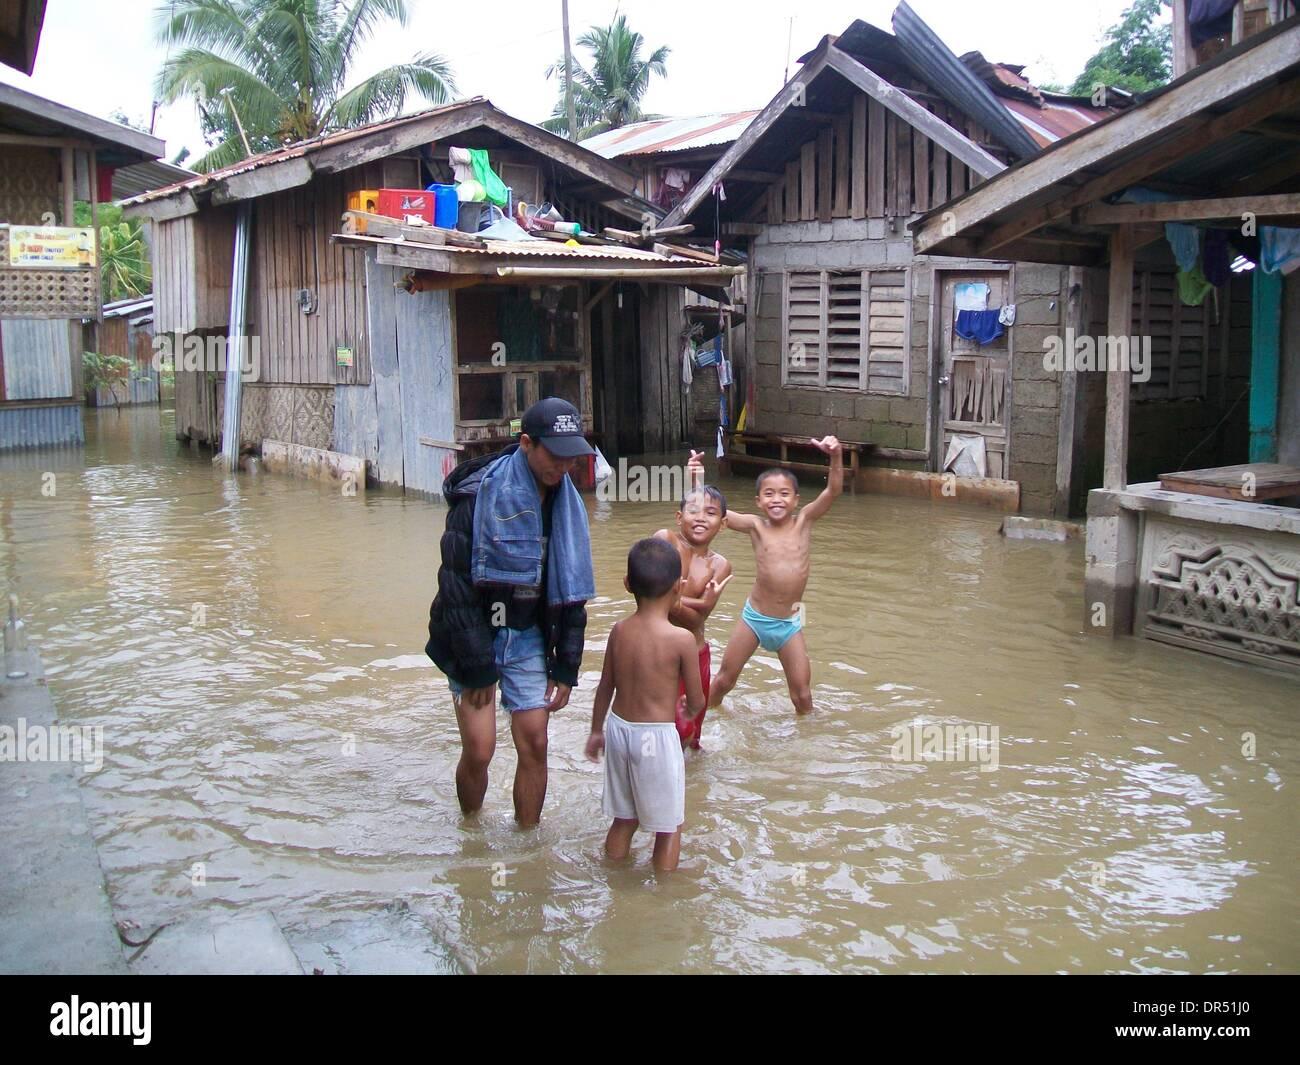 """Manila. 20 ene, 2014. Los residentes vadear una comunidad inundada en Compostela, ciudad en el sur de Filipinas"""" del valle de Compostela, 20 de enero de 2014. La Depresión Tropical Agaton, que causaron el sur y el centro de Filipinas, ha matado a 40 personas, la Dirección Nacional de Gestión y Reducción del Riesgo de Desastres (NDRRMC Consejo) divulgado el domingo. Crédito: FLIM/Xinhua/Alamy Live News Foto de stock"""